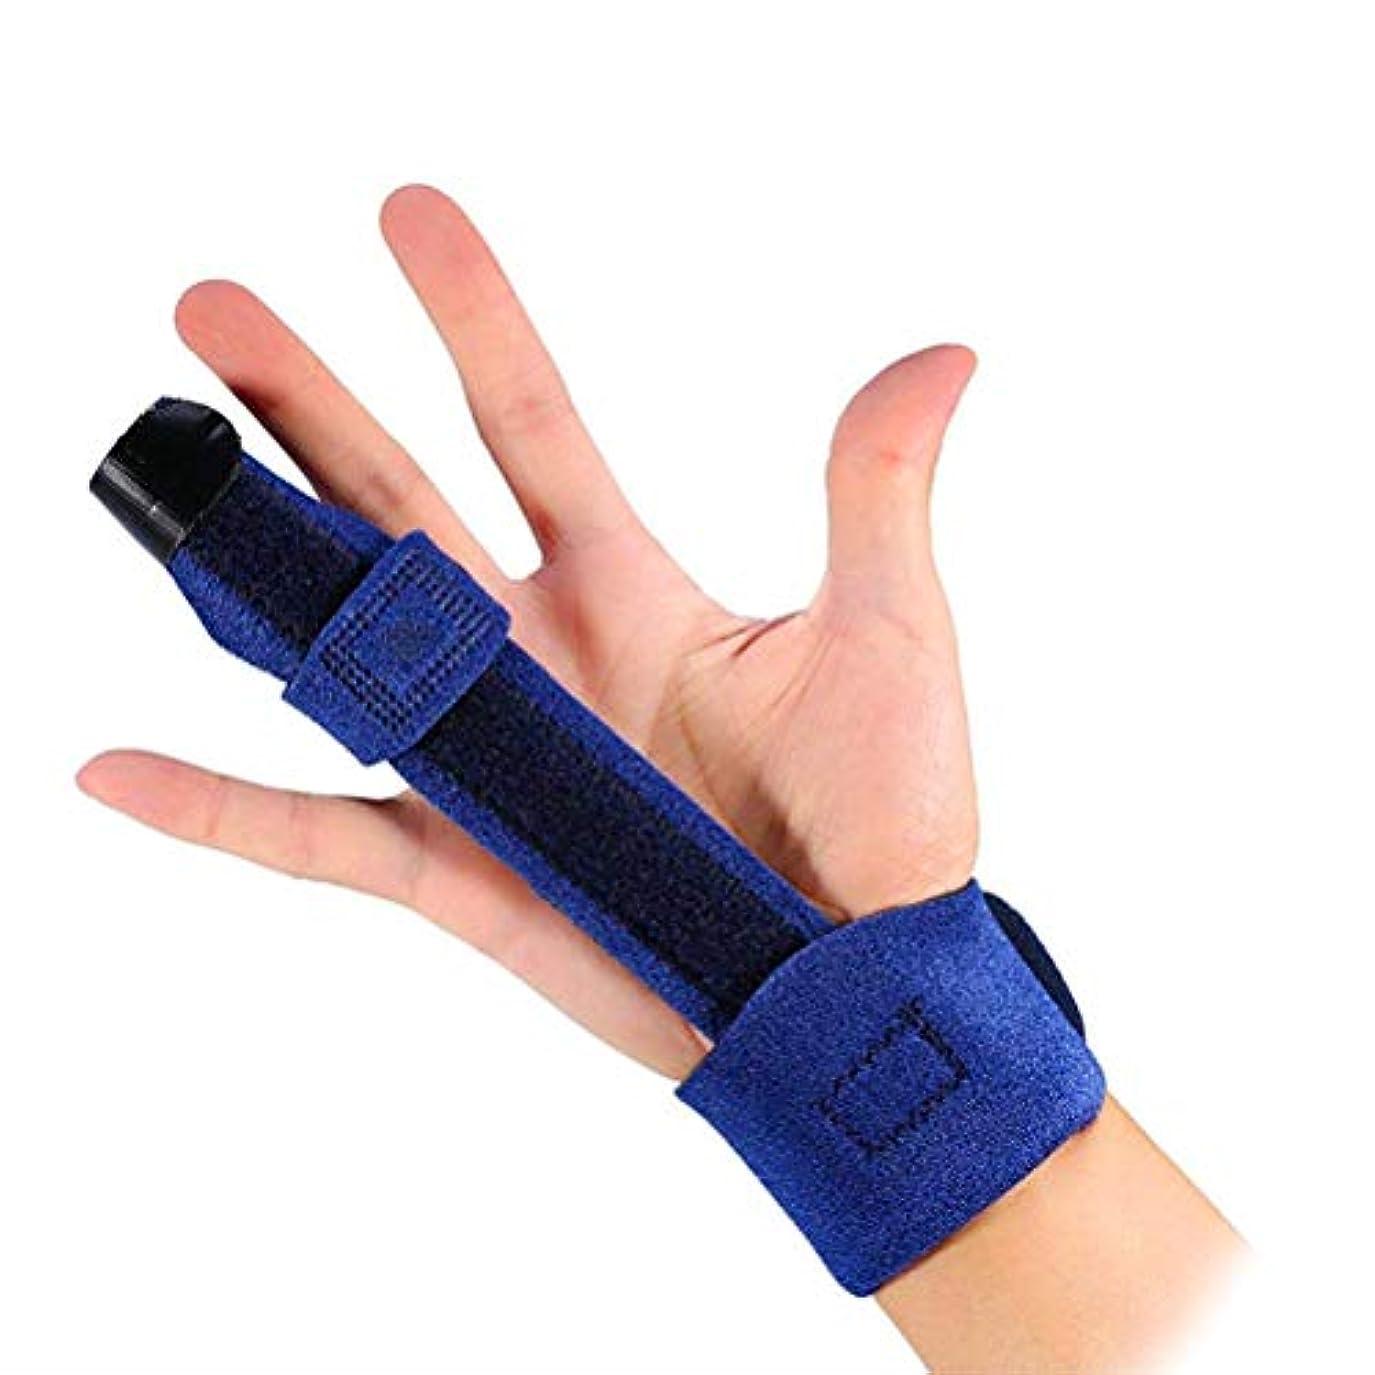 北米高潔な置くためにパックライフ小屋 ばね指 サポーター 指サポーター 柔軟 通気性 薬指 人差し指 ばね指 バネ指 突き指 手首固定 中指 サポーター スポーツ 金属プレート 固定 取付け簡単